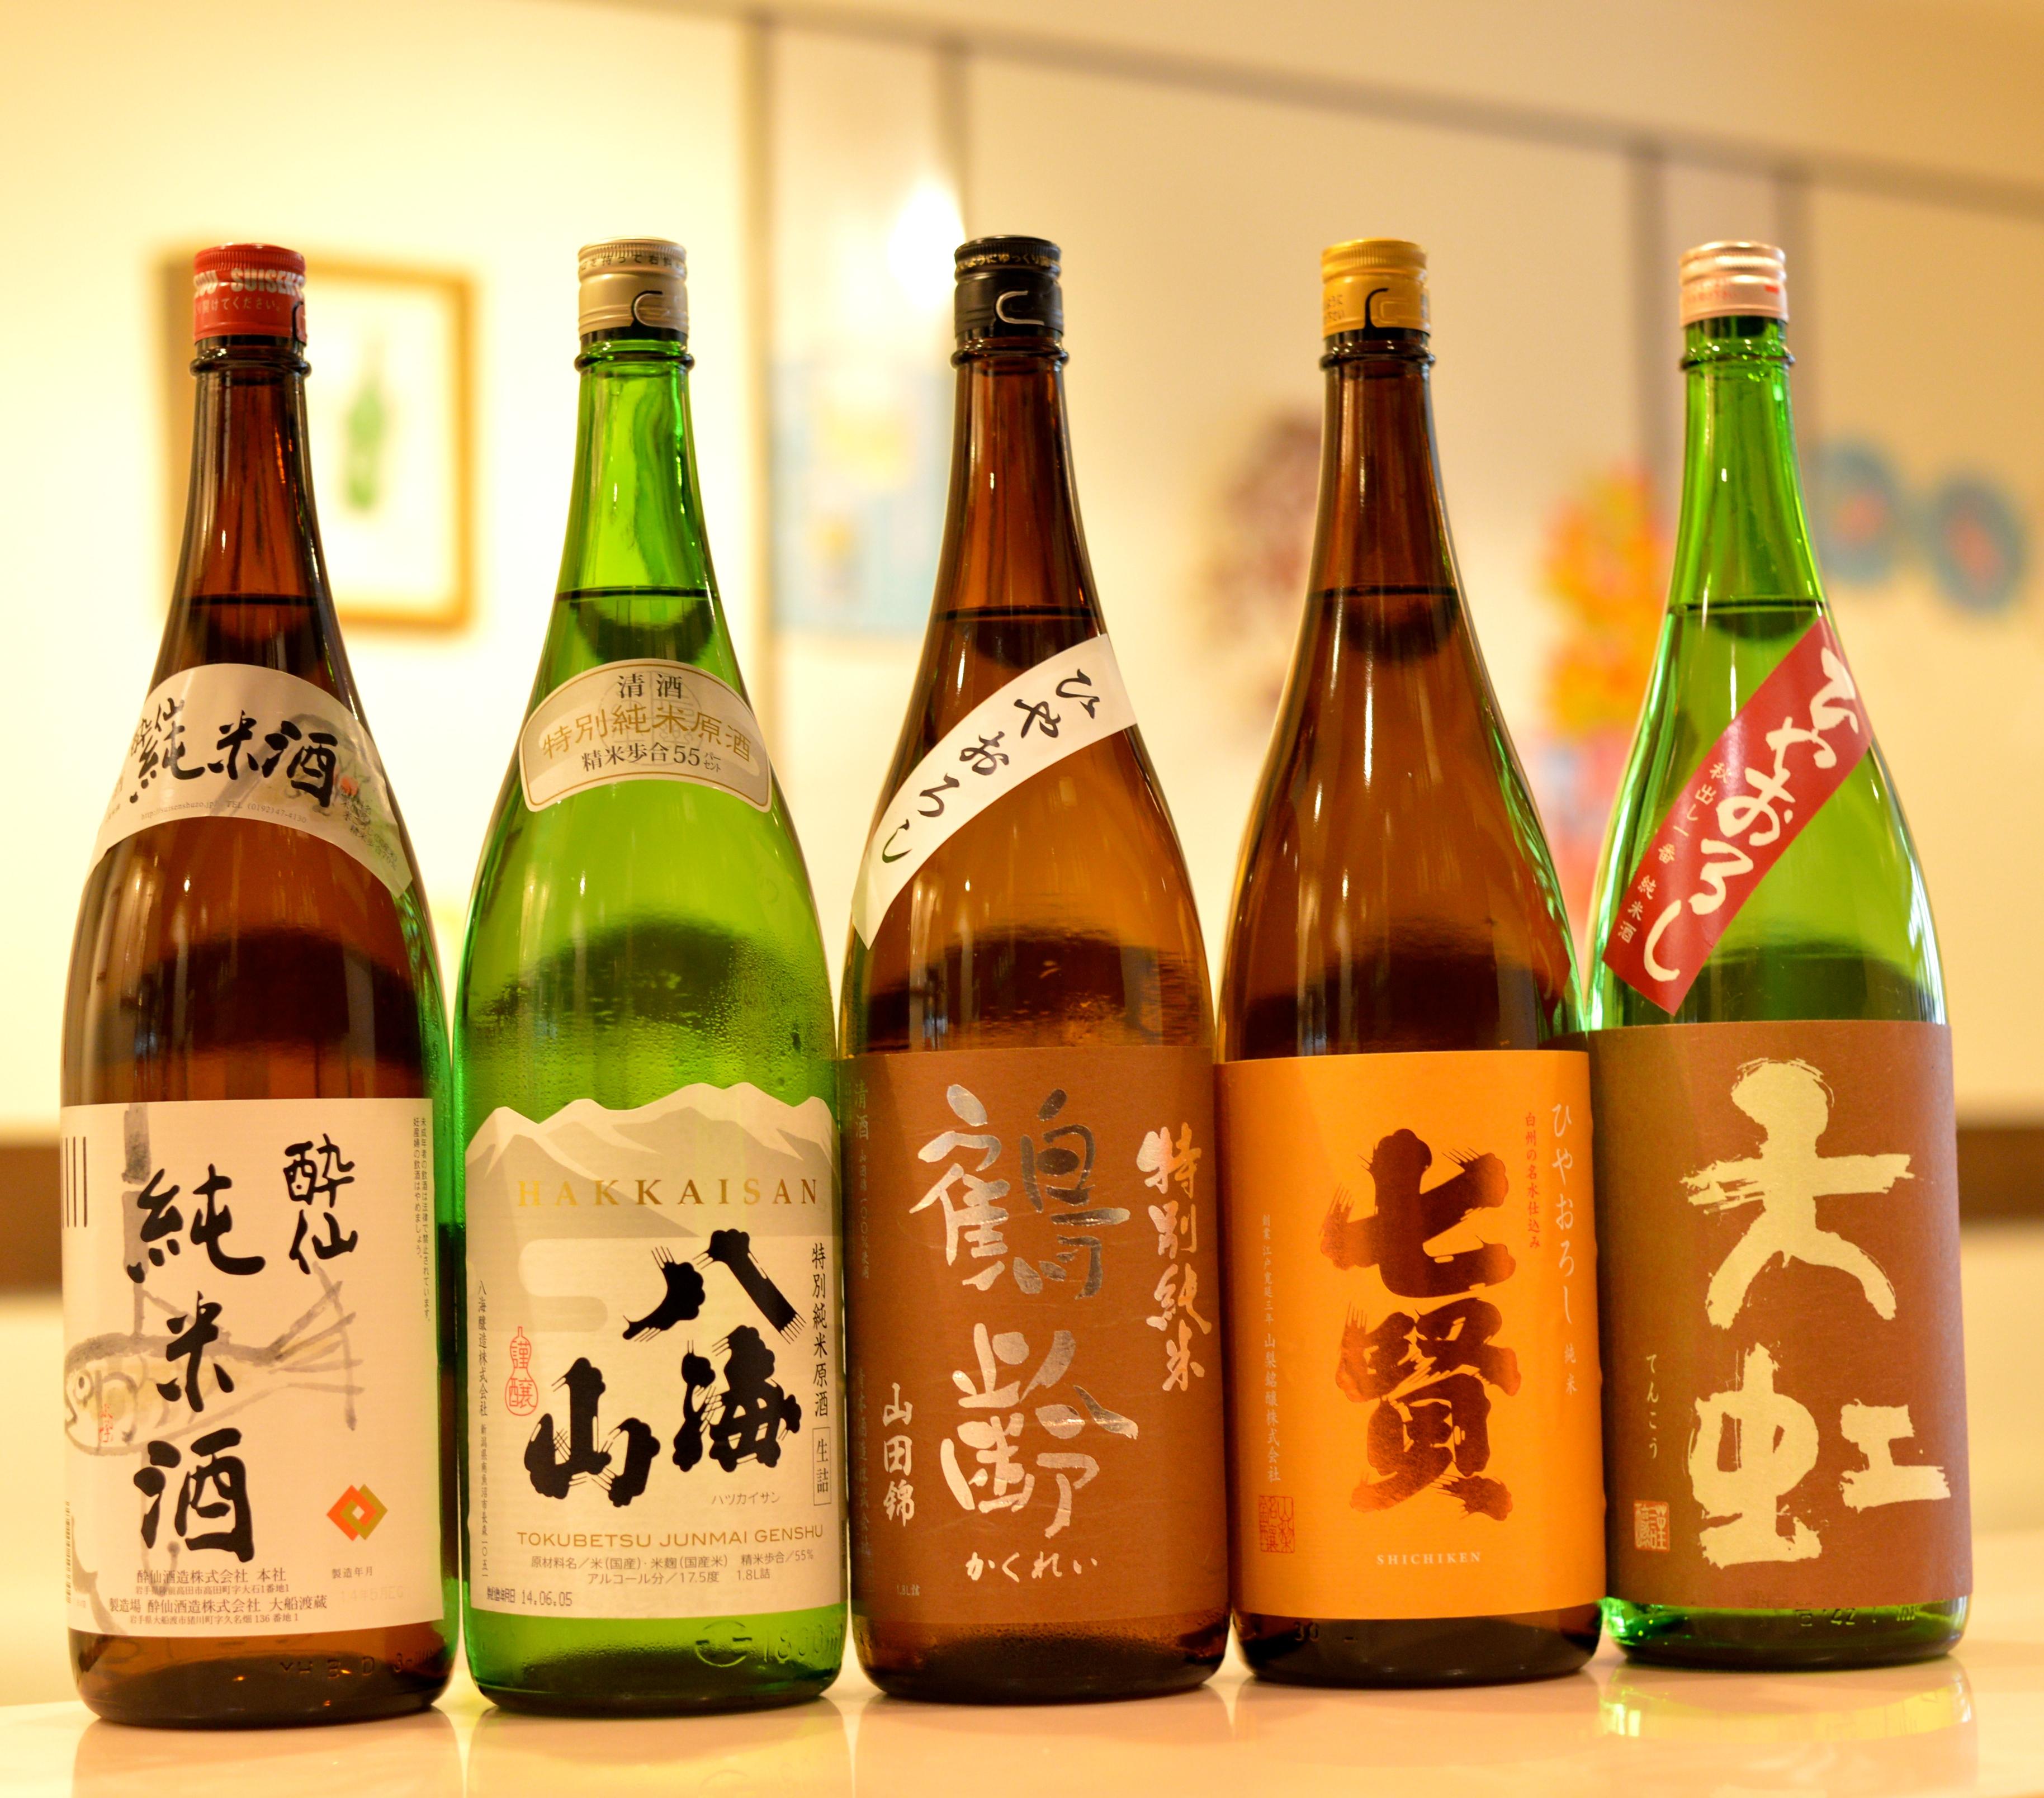 季節の純米酒、純米吟醸を8種類お楽しみ頂けます。